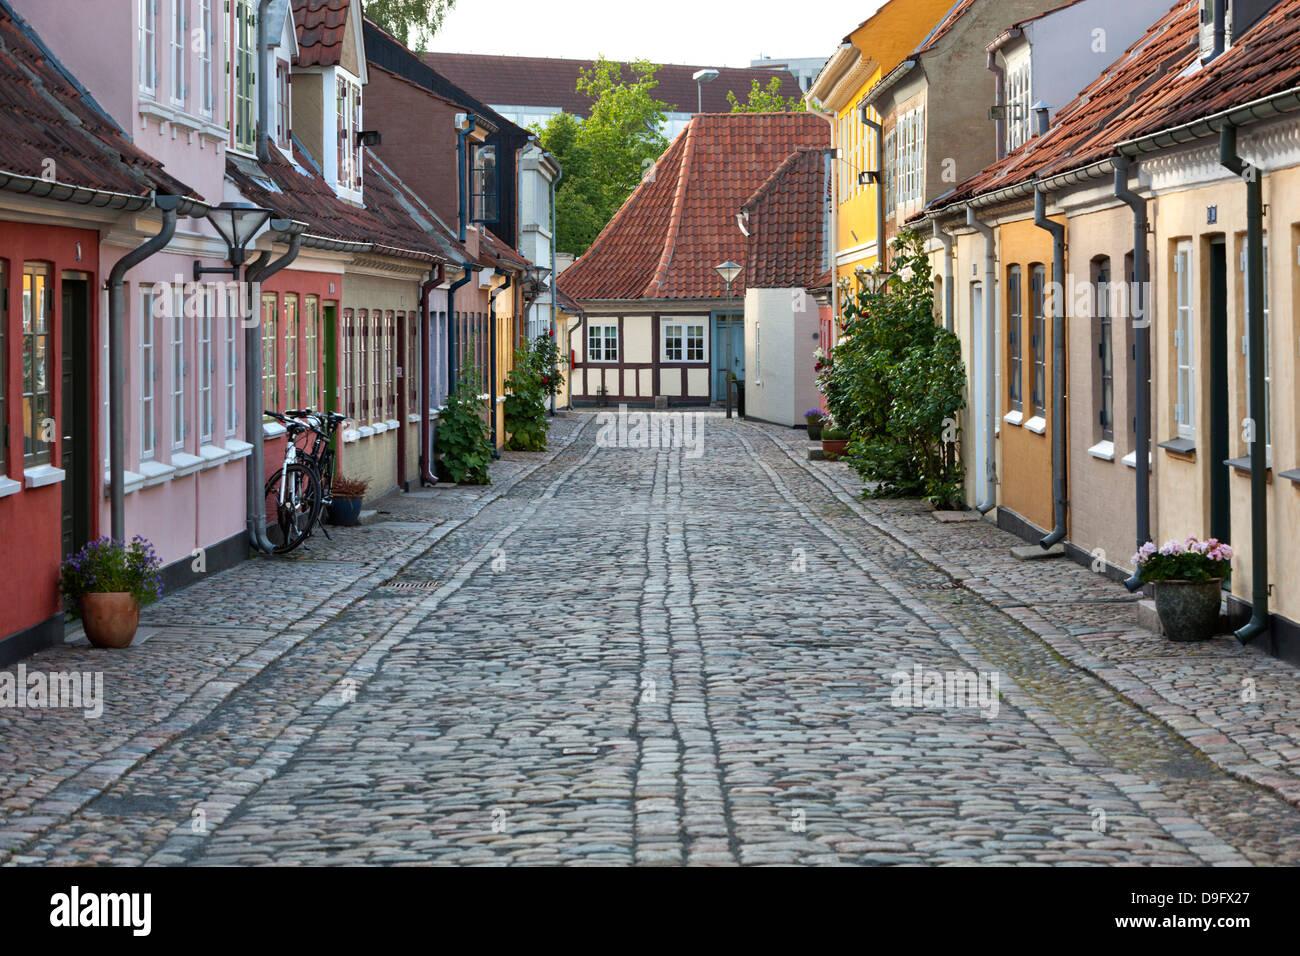 Cobblestone alley dans la vieille ville, quartier pauvre de mendiants, Odense, Fionie, Danemark, Scandinavie Photo Stock